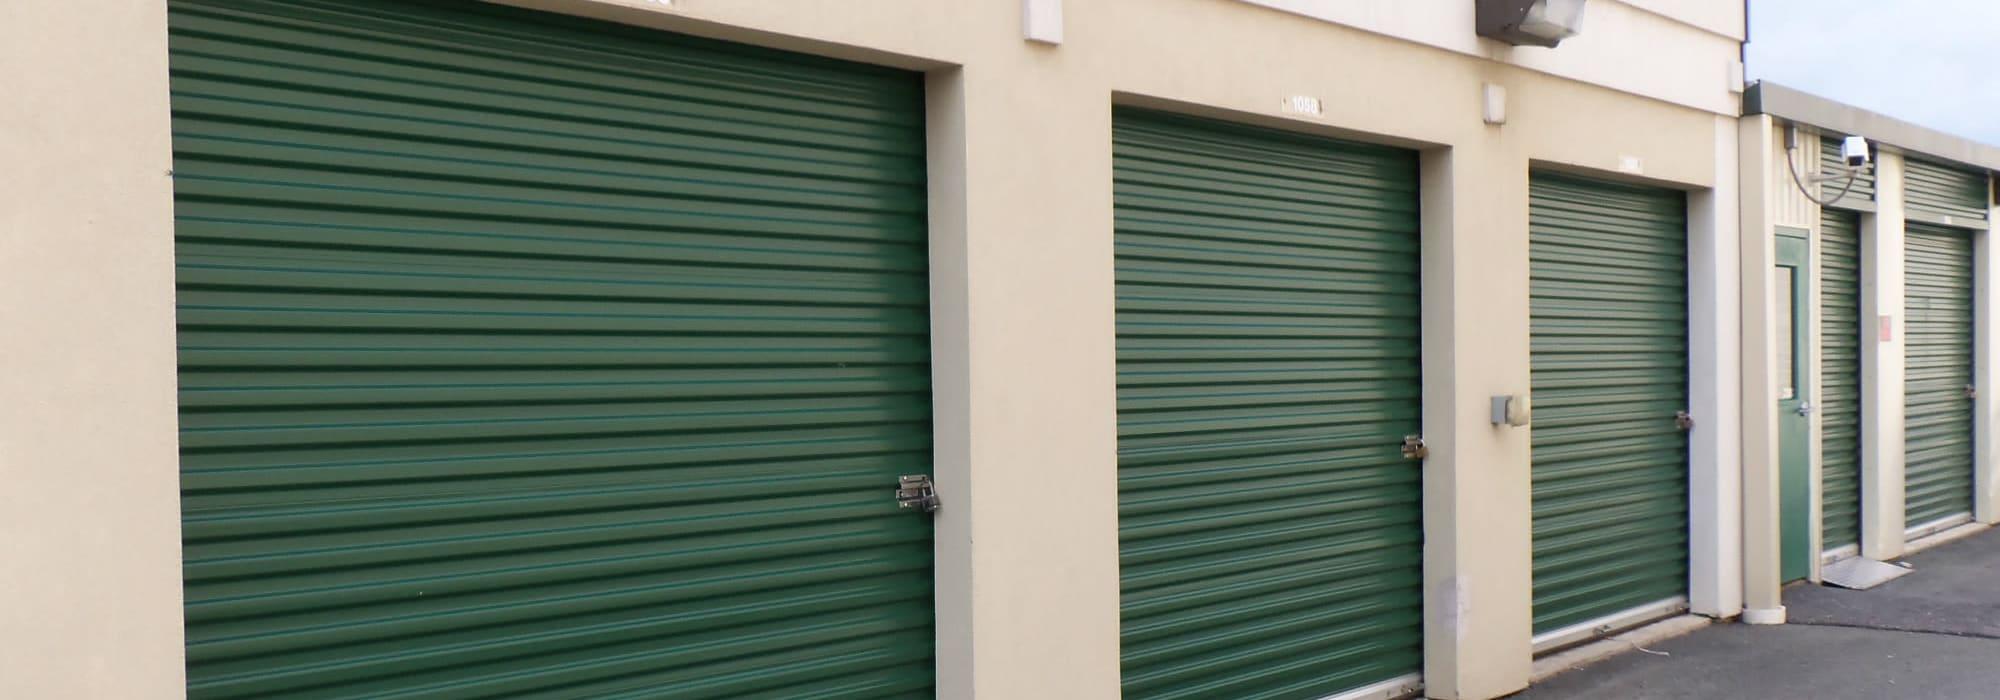 Self storage of Self Storage Plus in Ranson, West Virginia